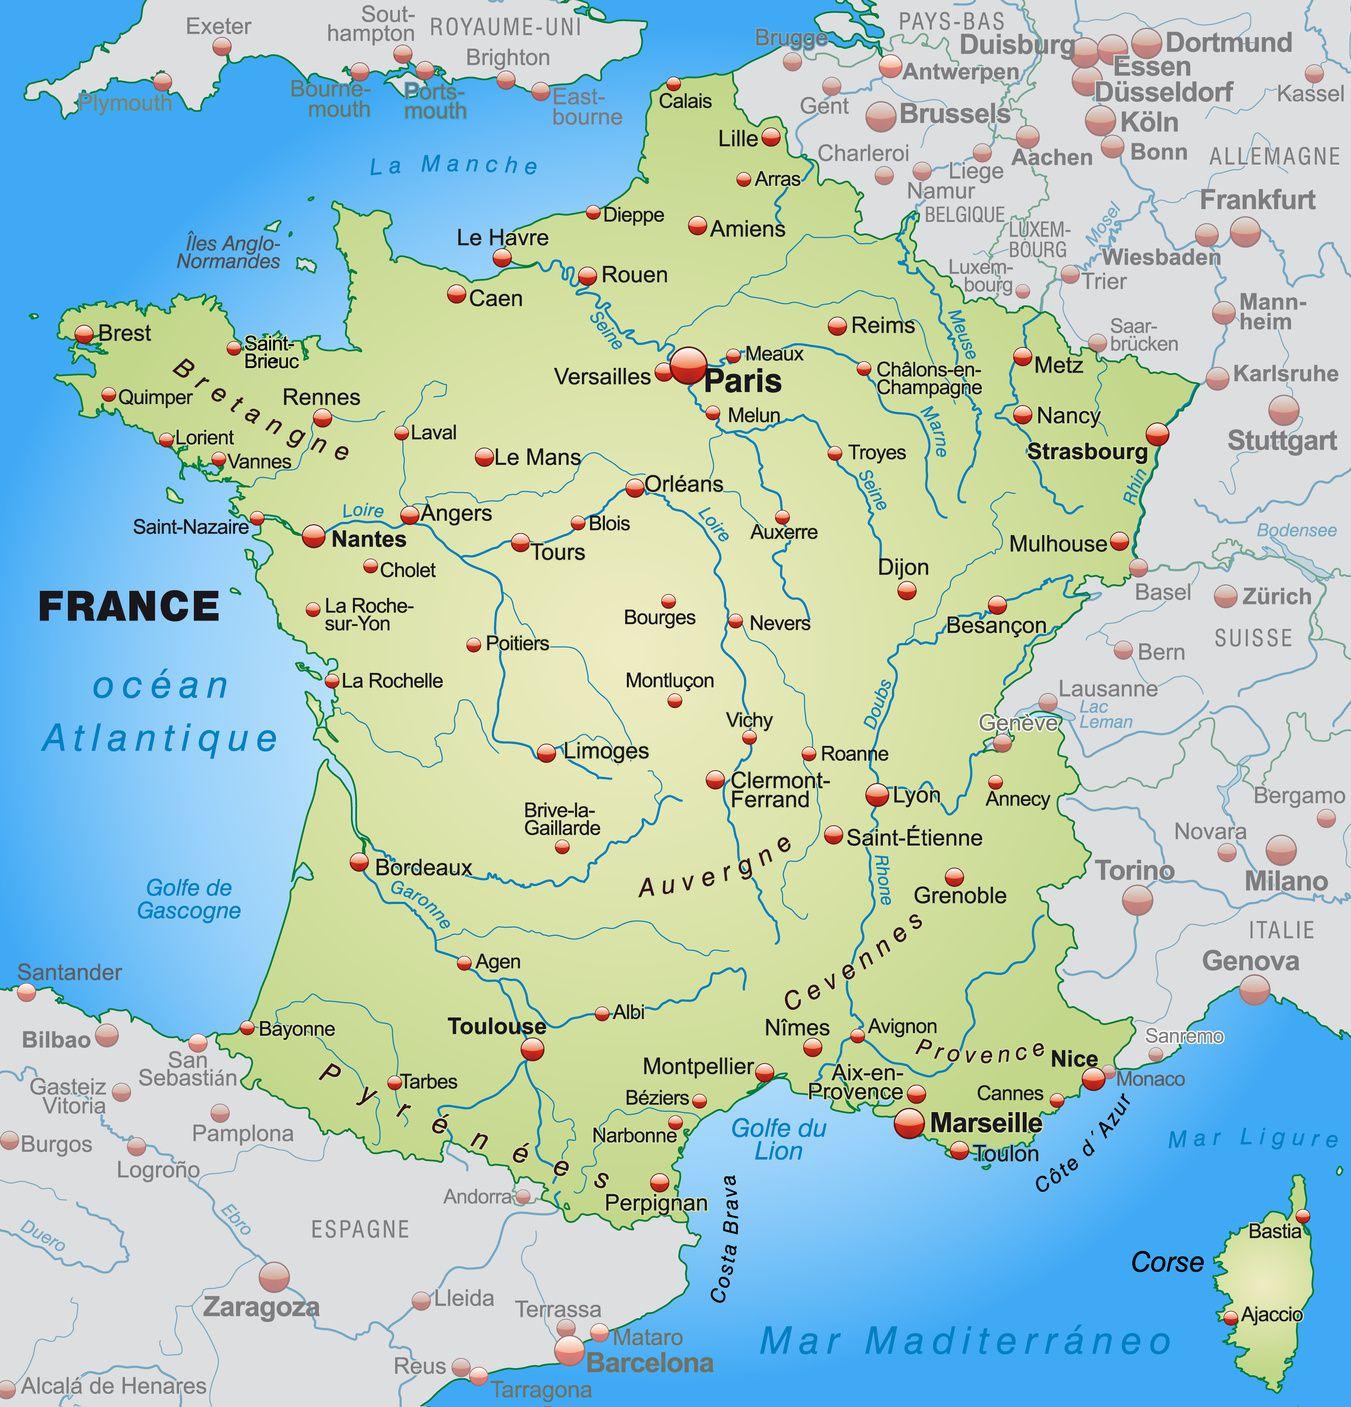 Autre carte des grandes villes en France